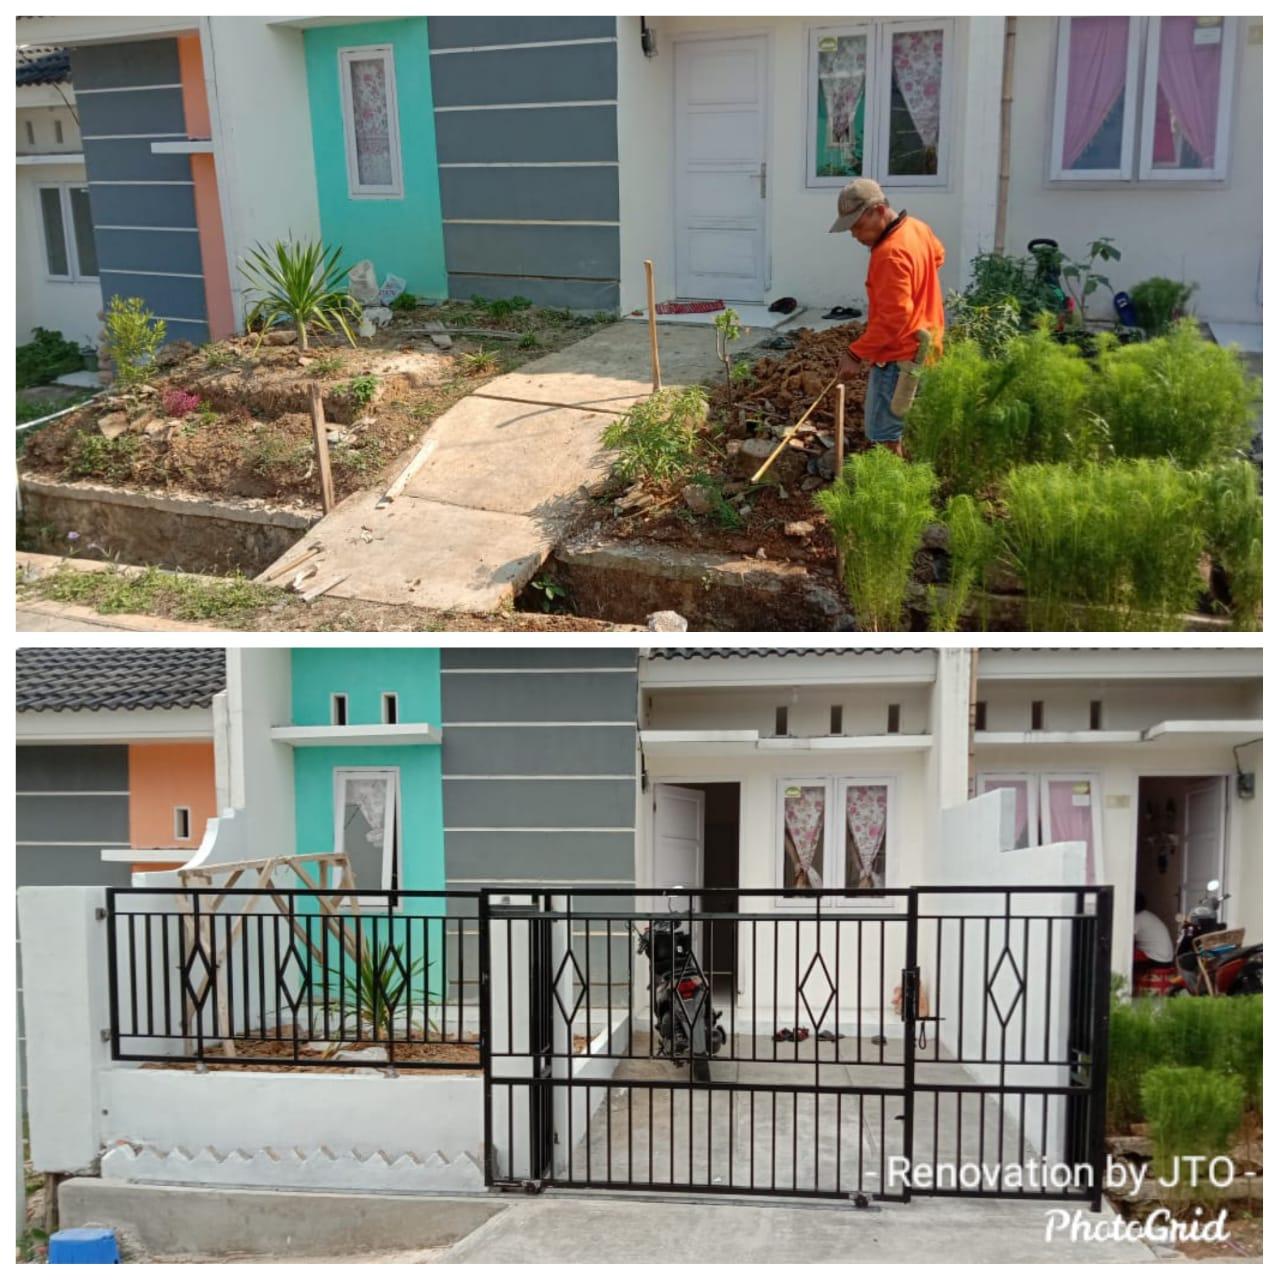 Pinjaman Renovasi Rumah Tanpa Jaminan